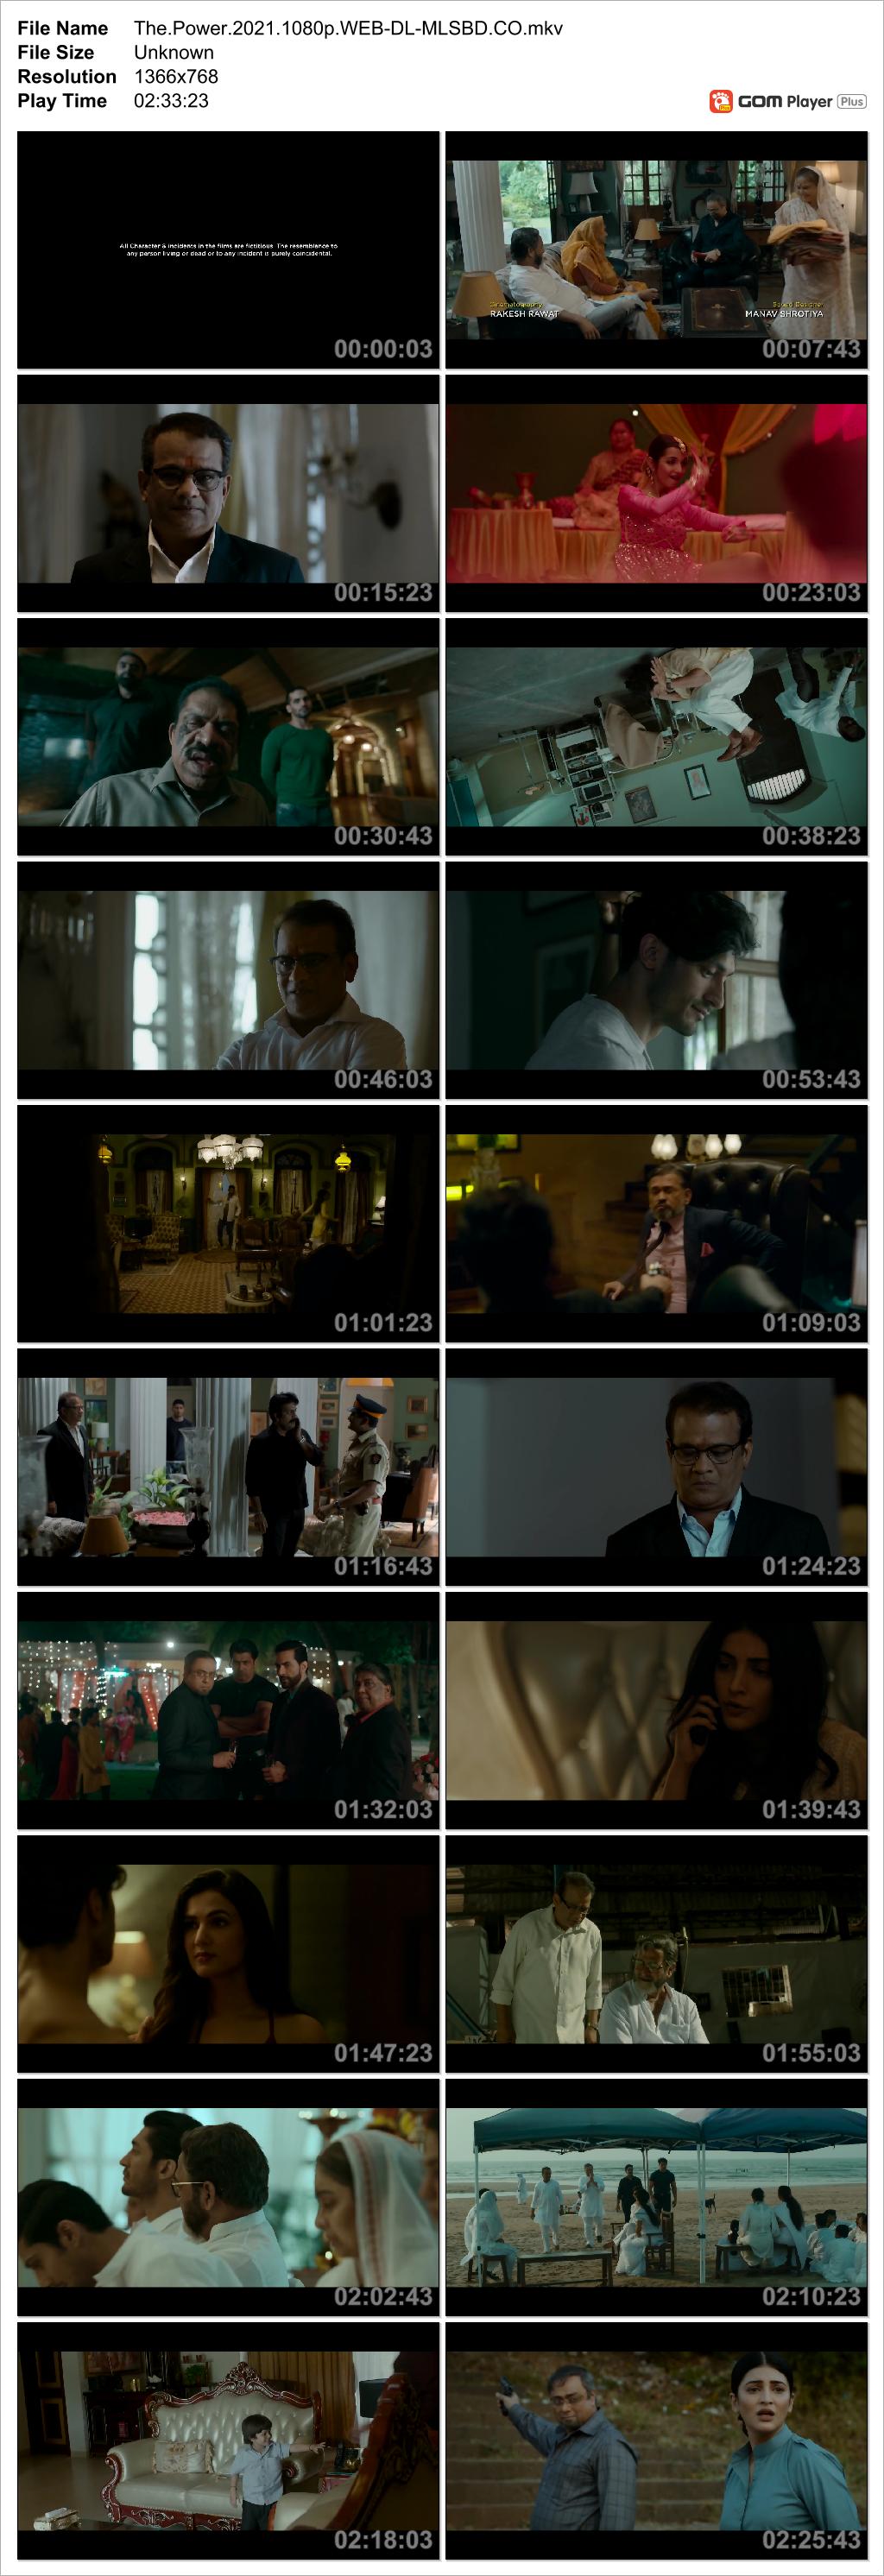 The Power Movie Screenshot